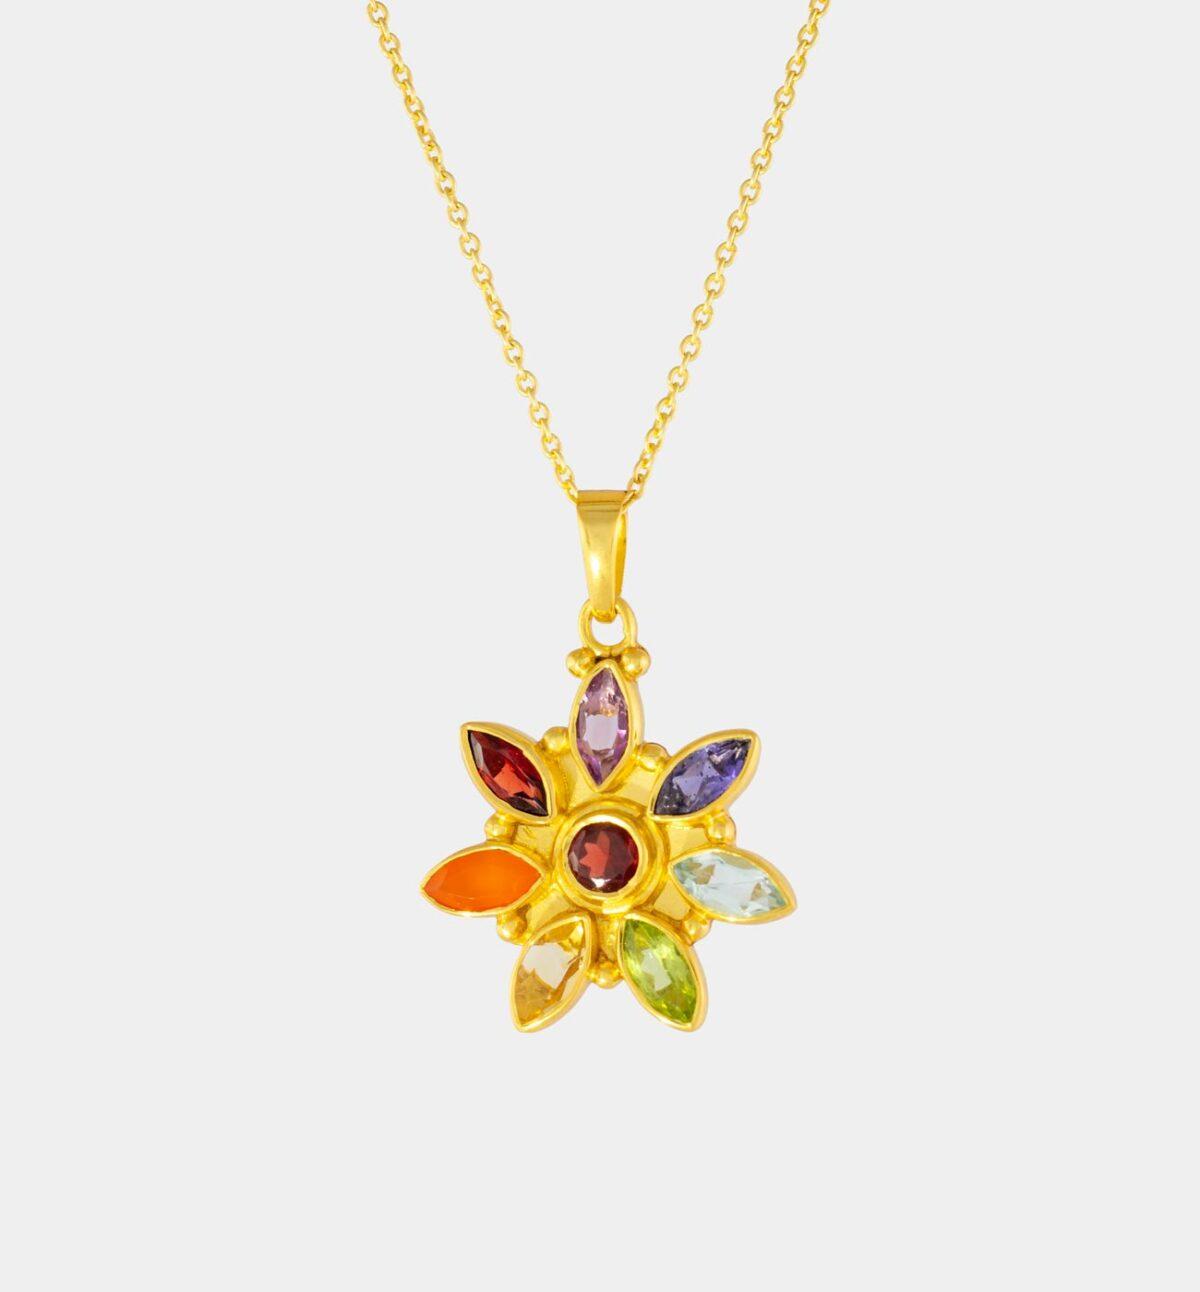 Chakrakette Flower